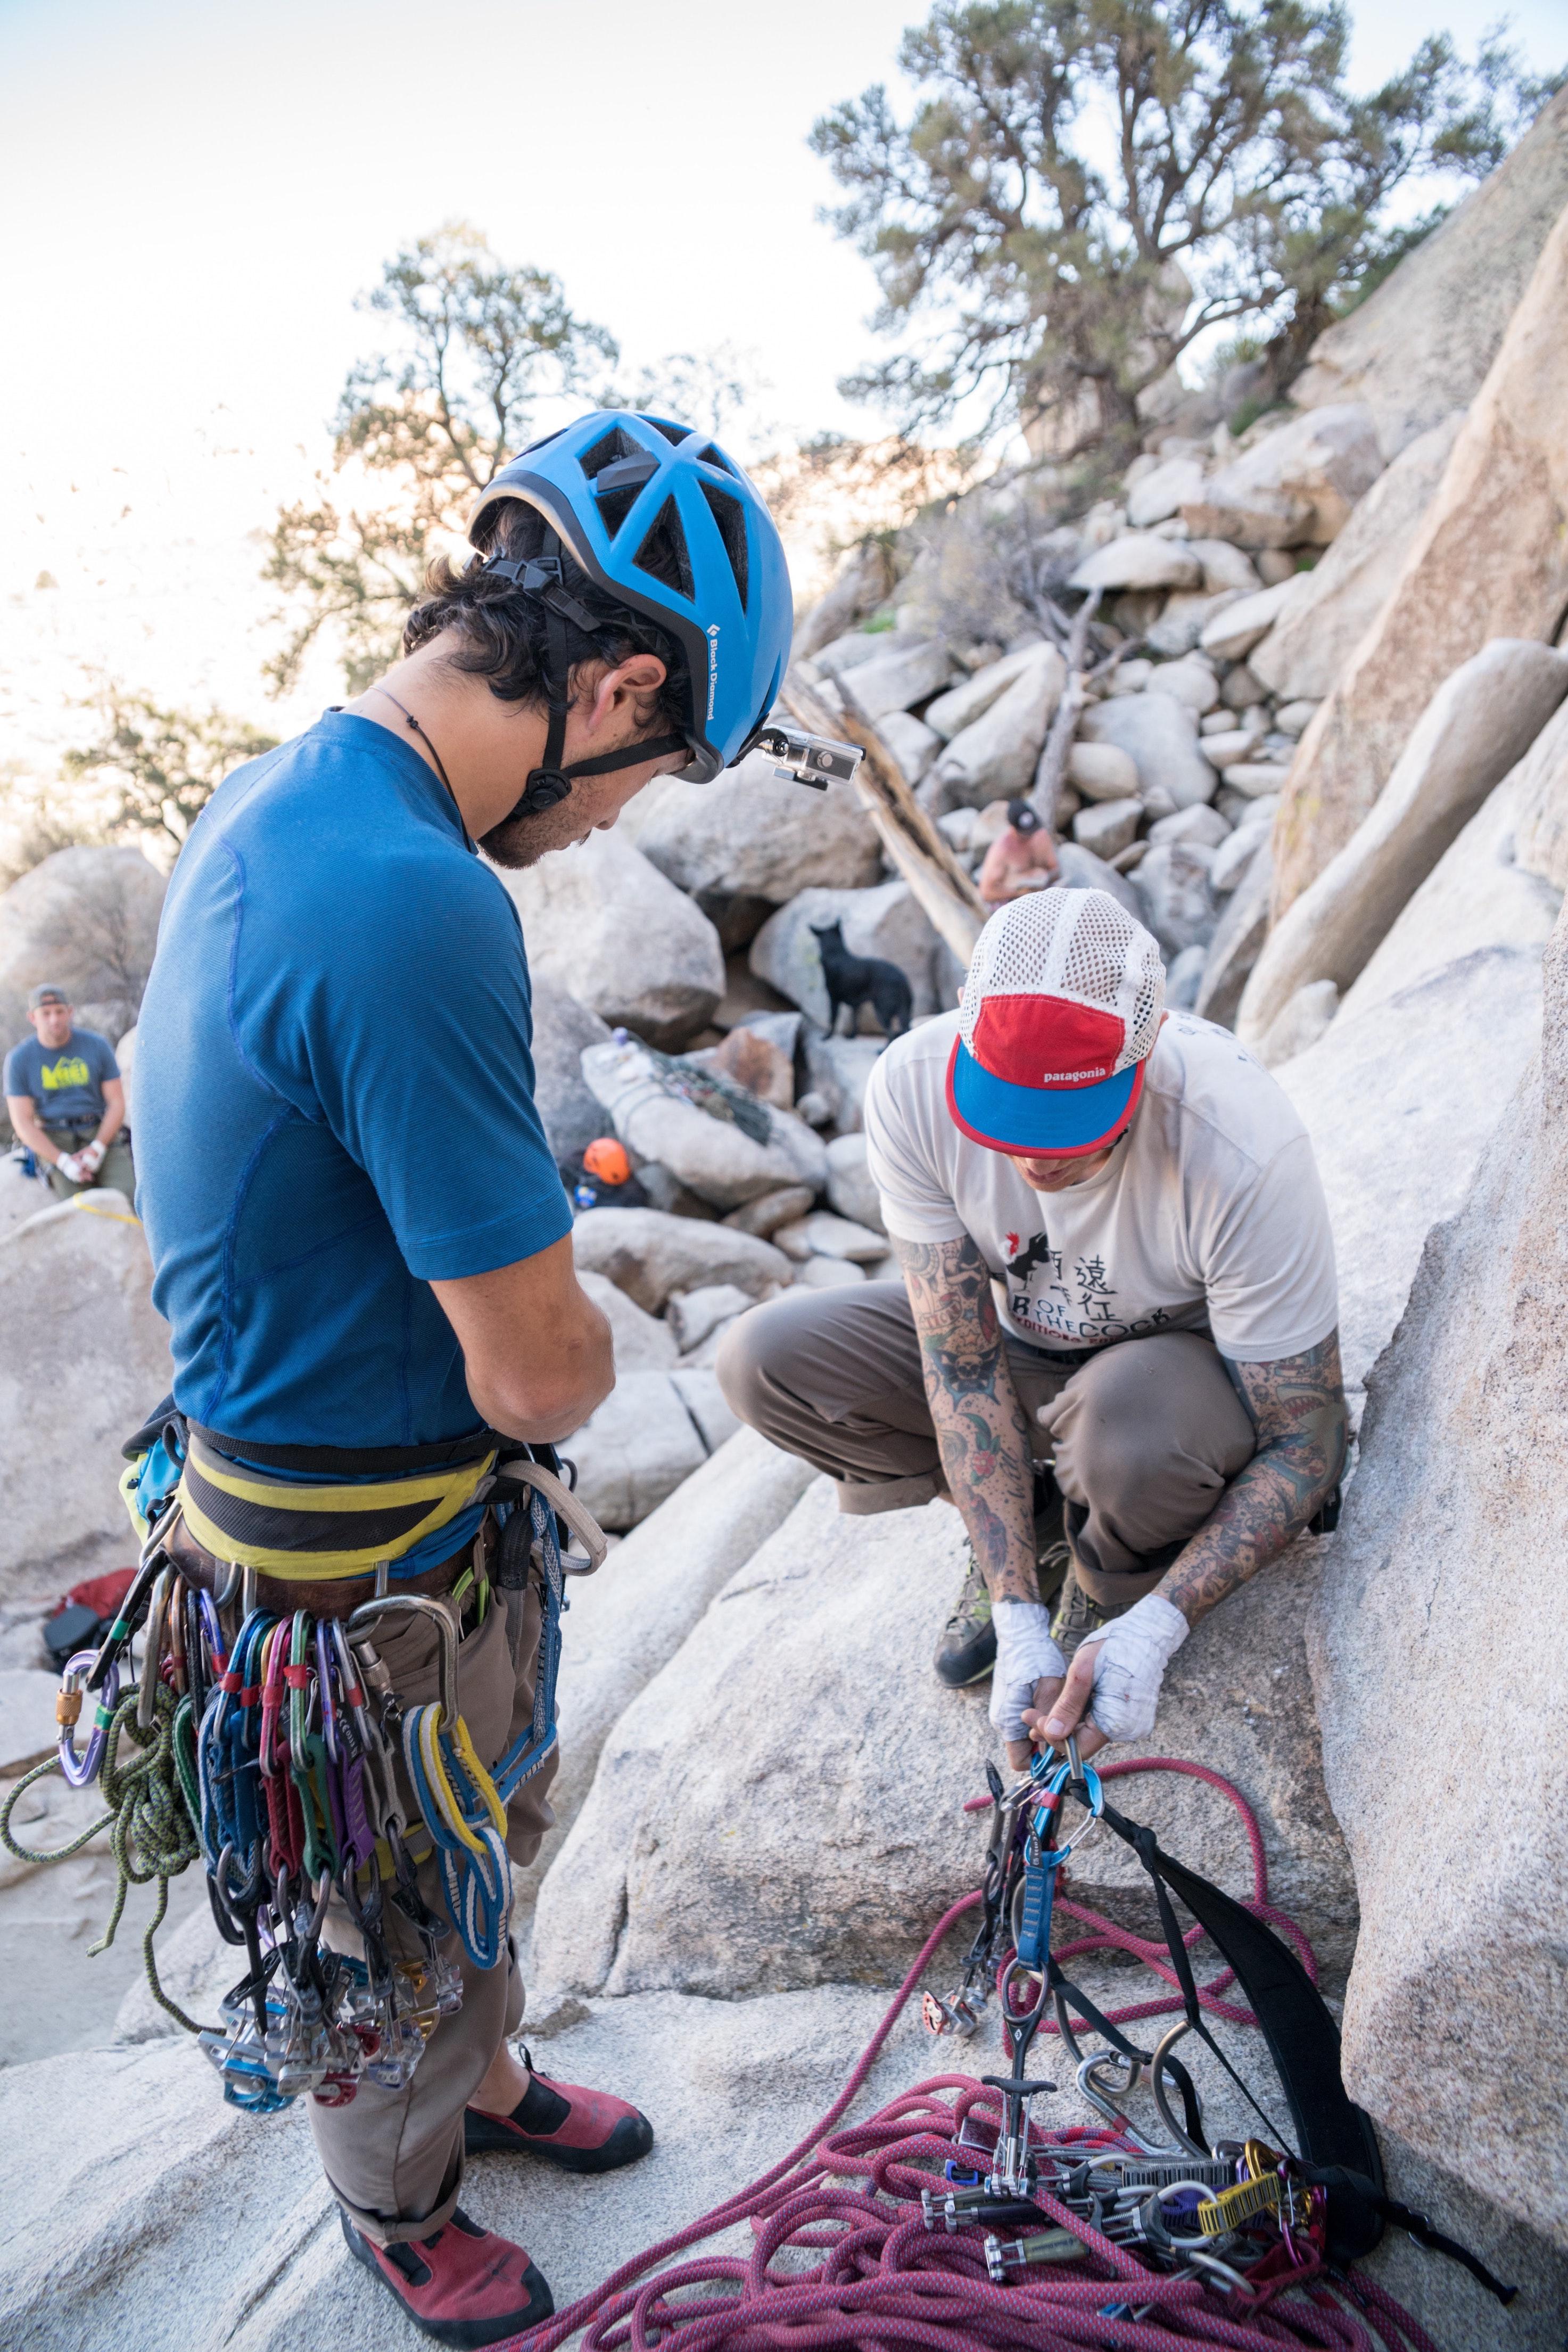 kaya tırmanışı malzemeleri